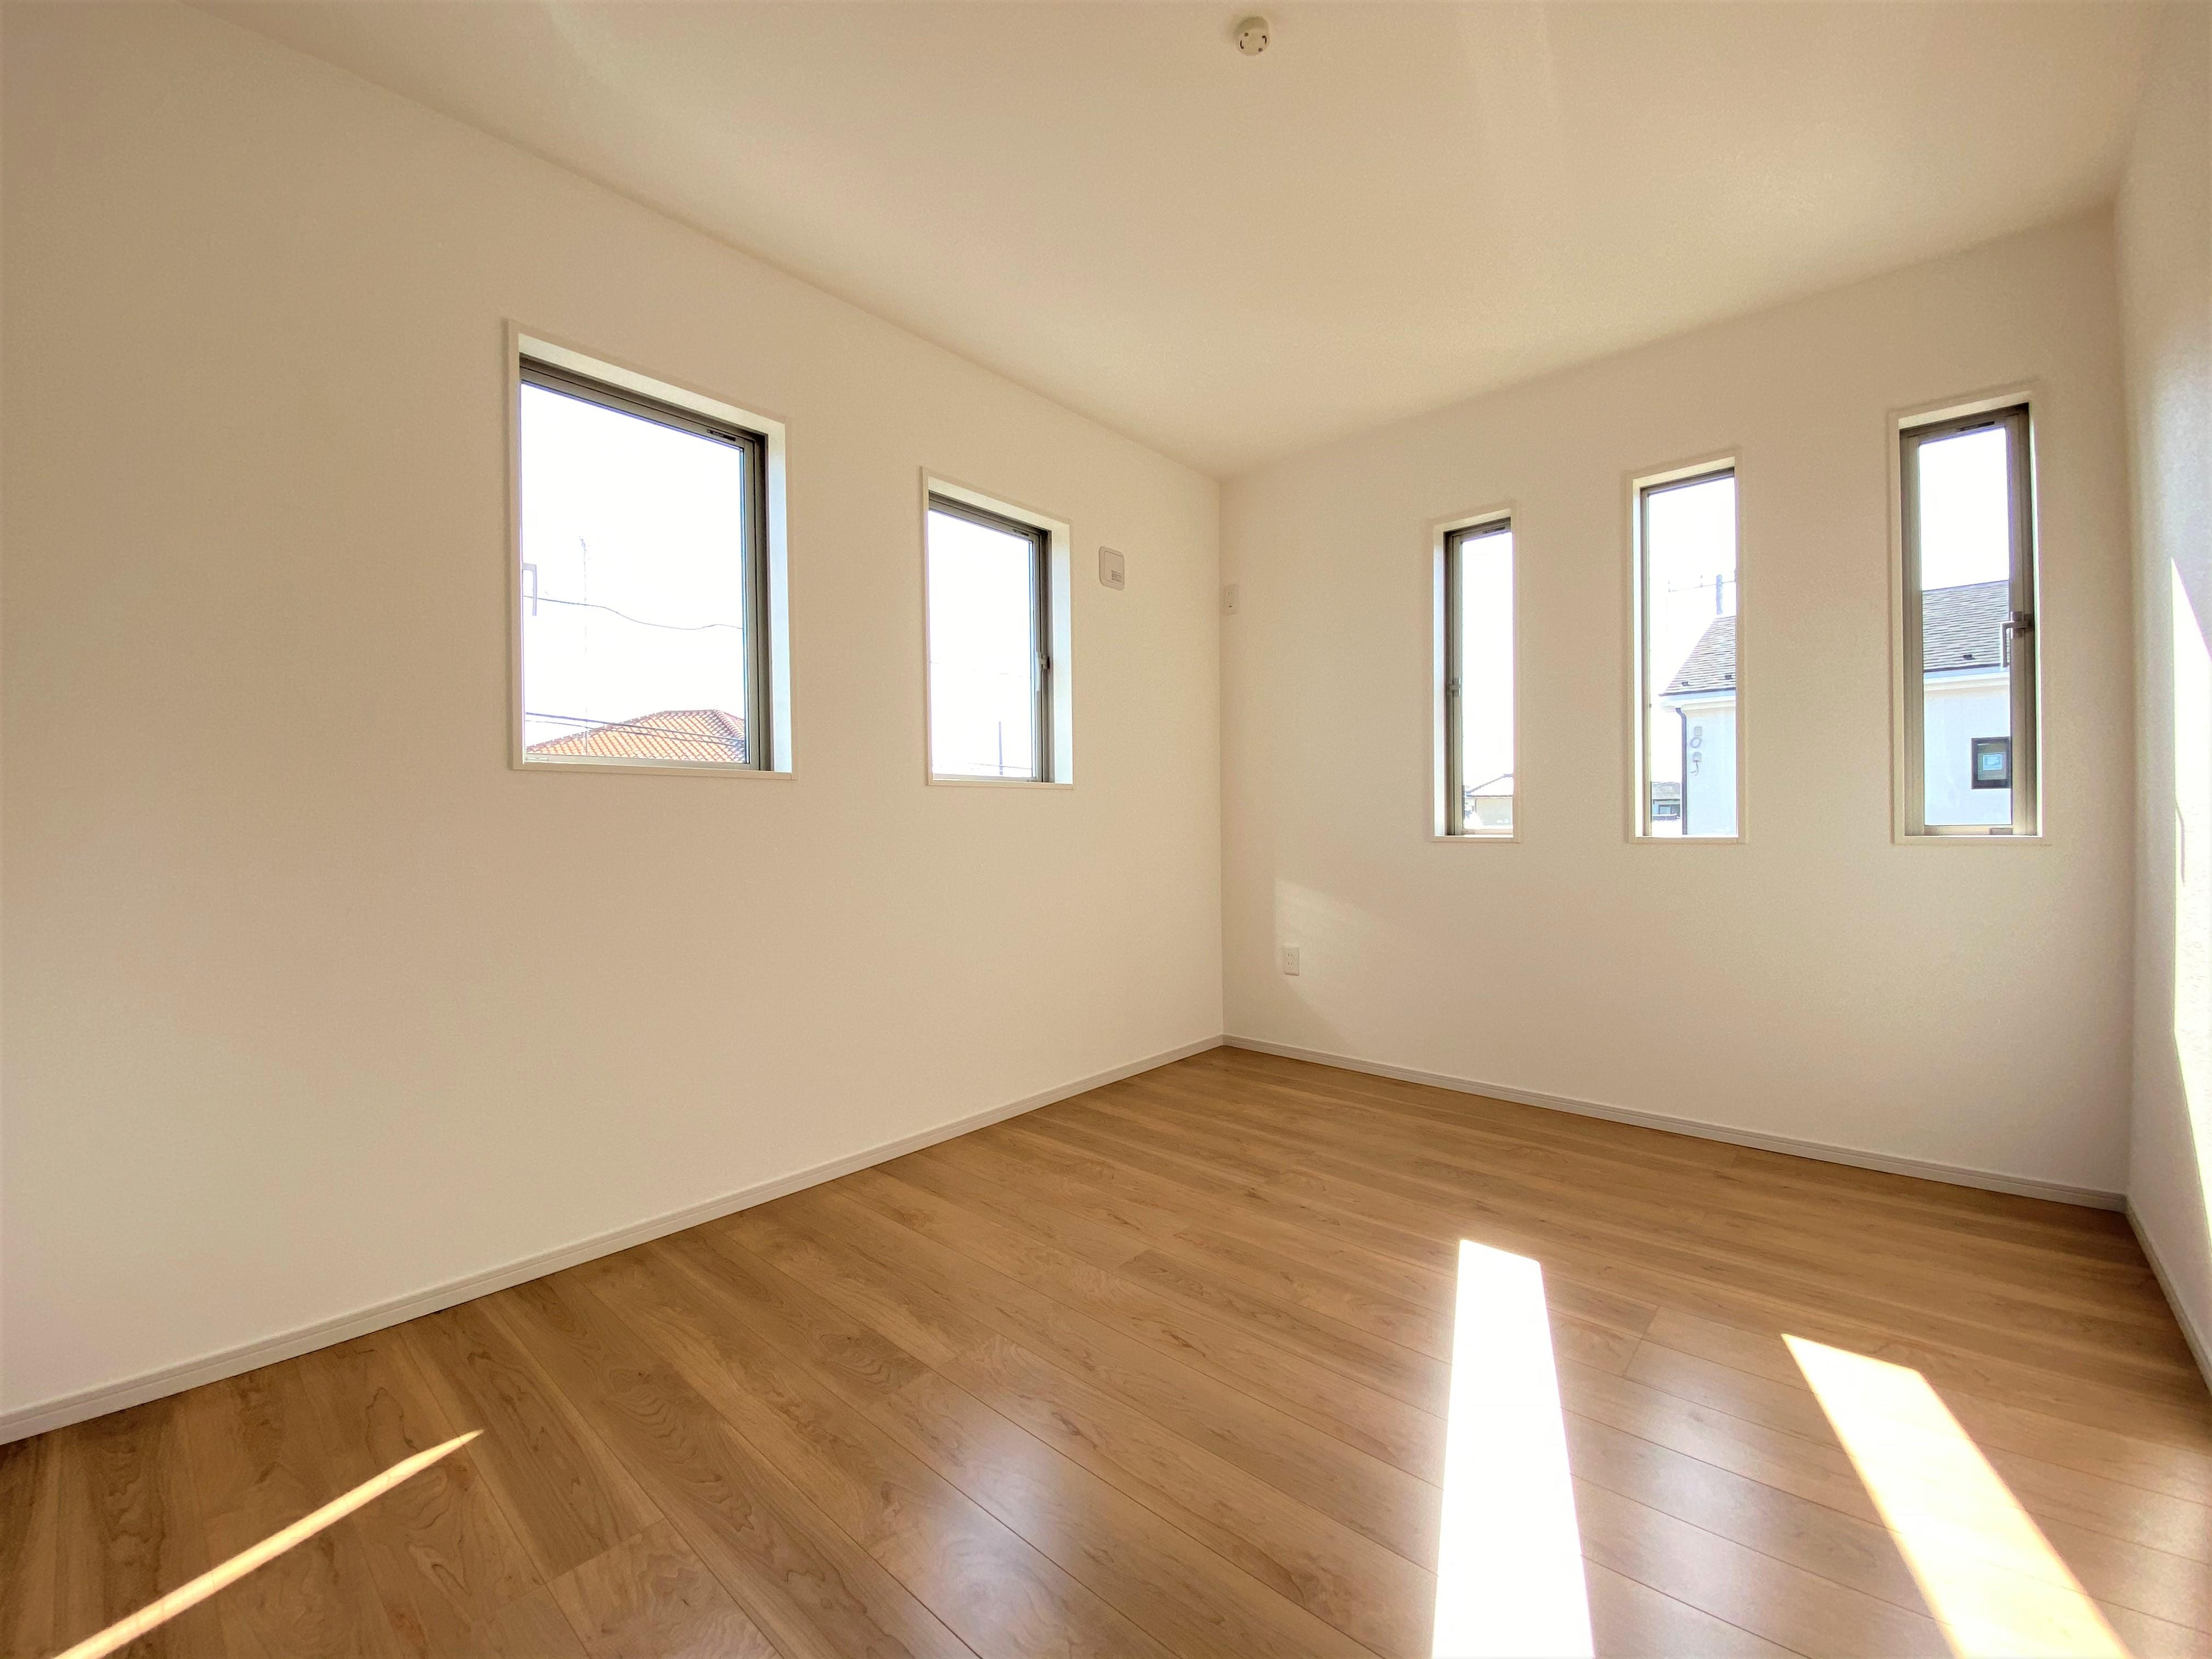 2号棟|お子様の一人部屋に最適な居室です。ウォークインクローゼットも付いているので、お洋服をたくさん収納できます。